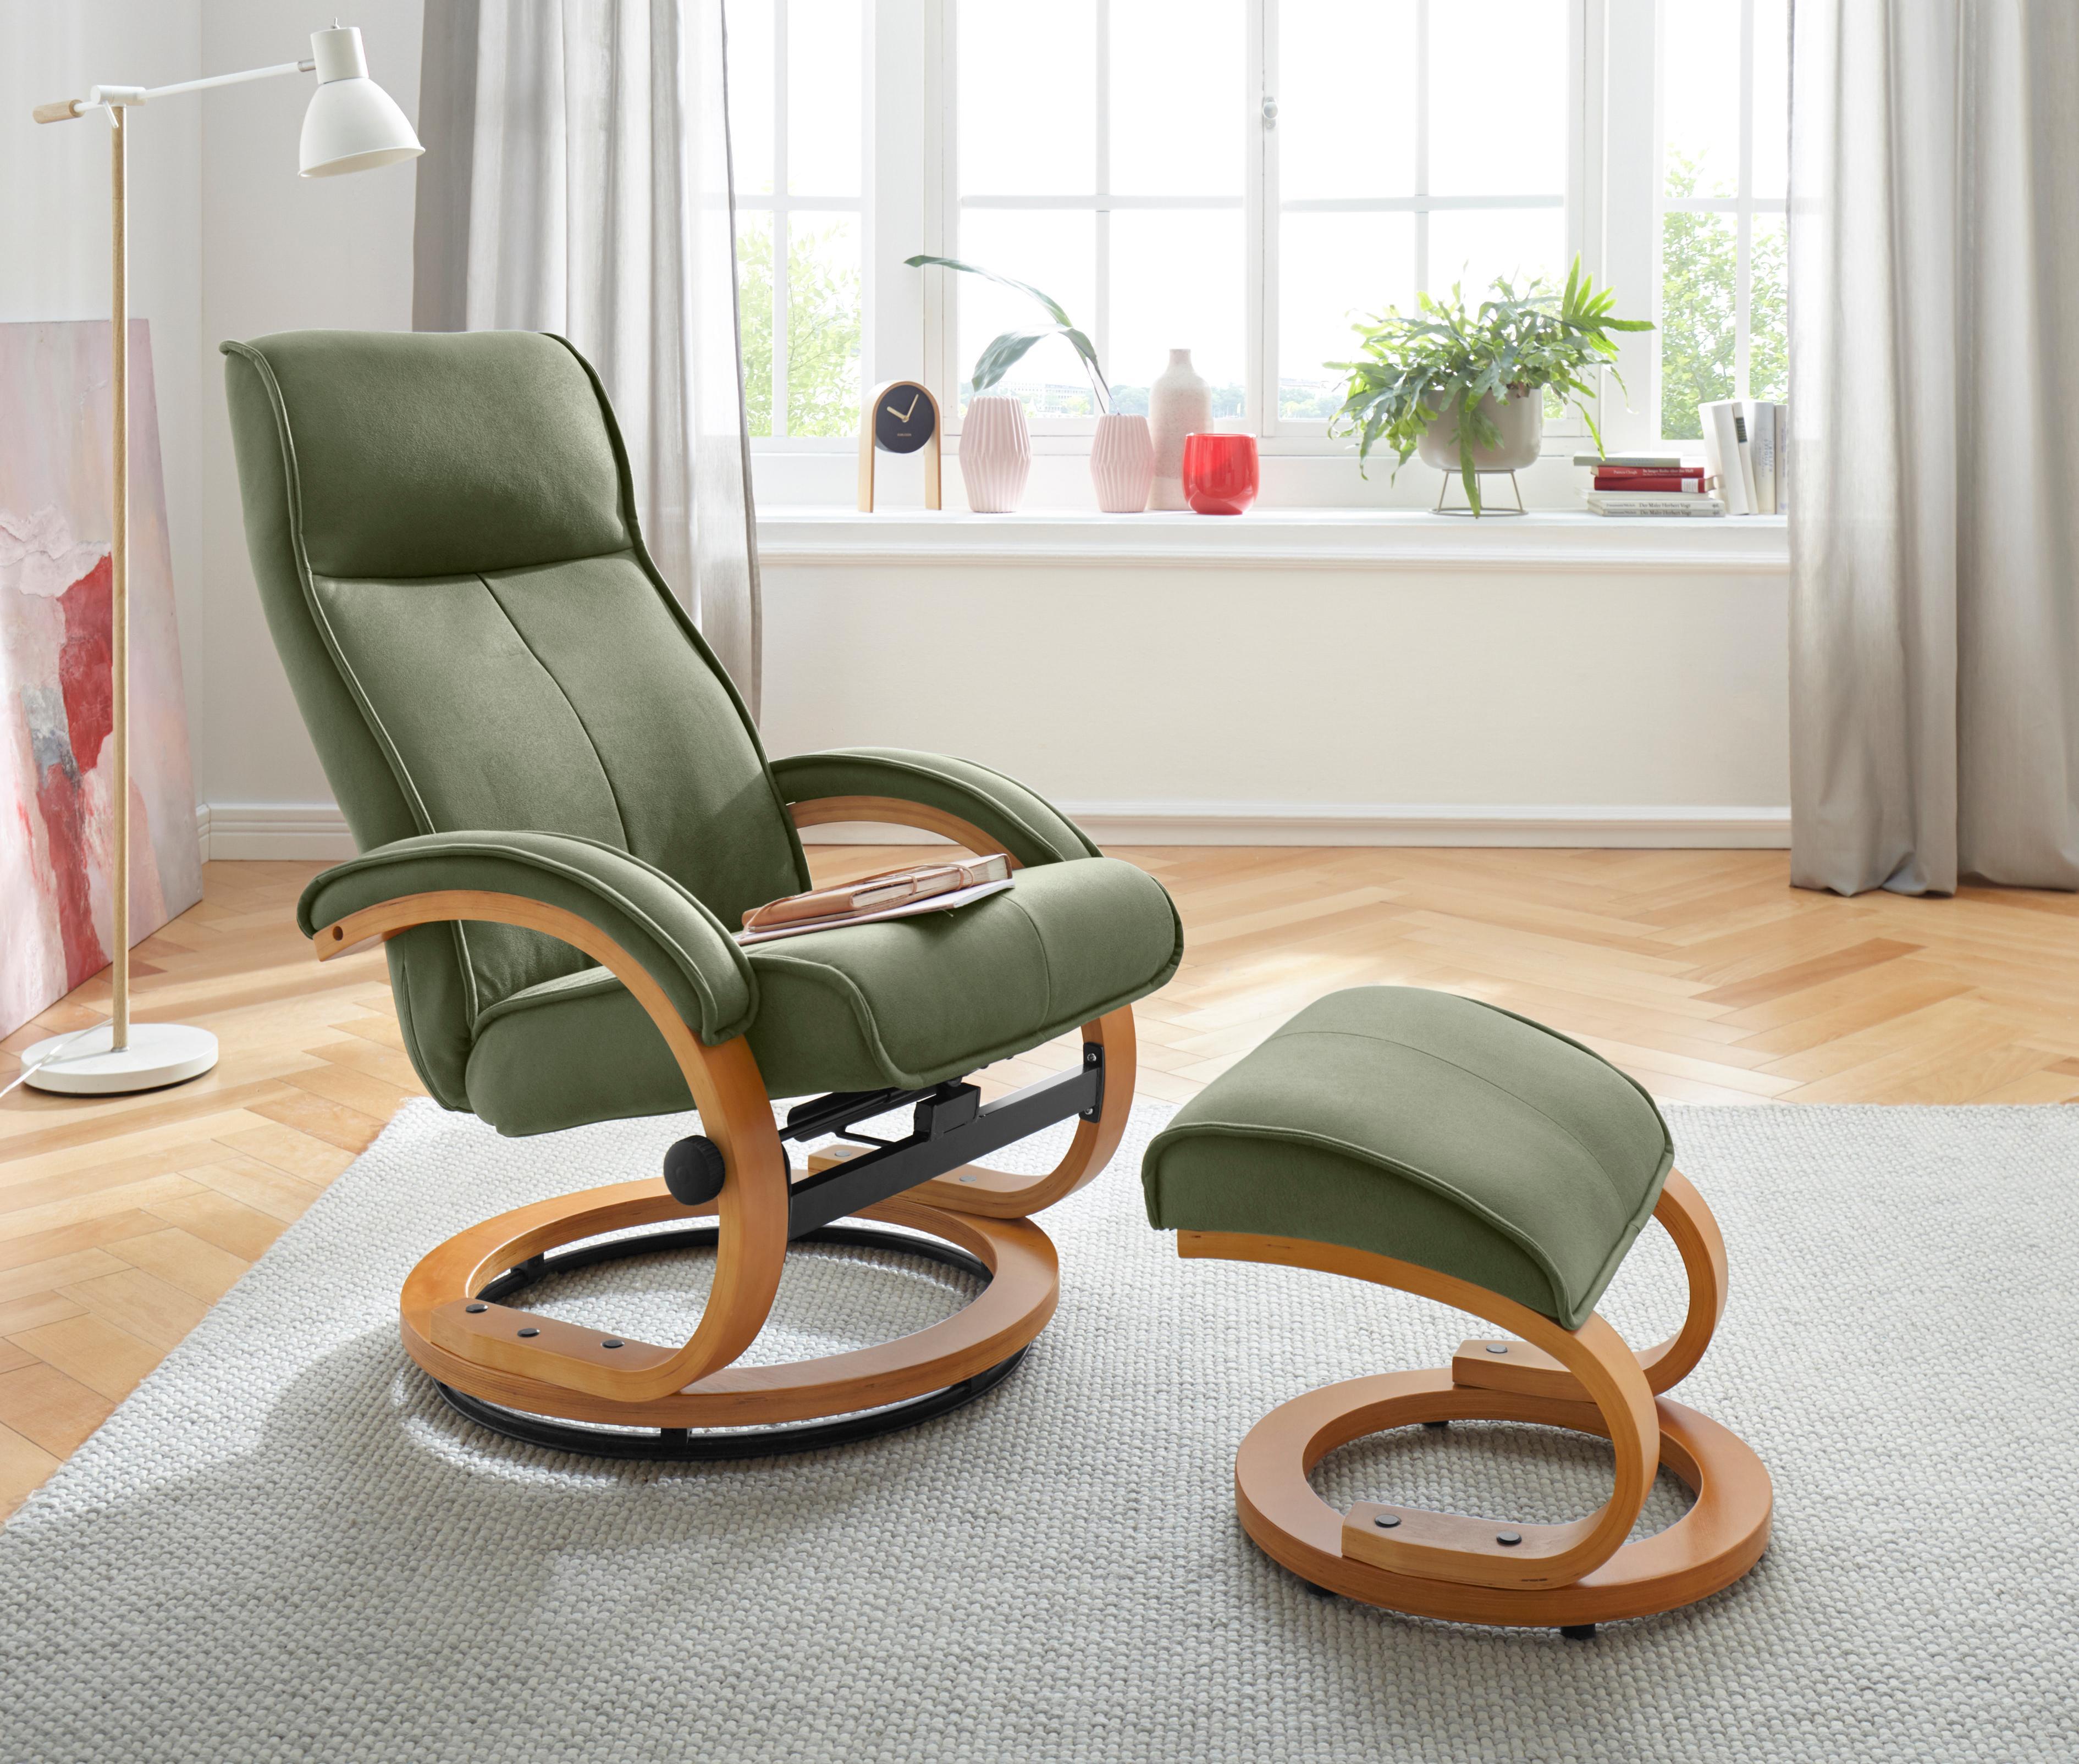 my home Relaxsessel & Hocker Lille aus weichem Luxus-Microfaser Bezug und schönem Holzgestell Sitzhöhe 46 cm